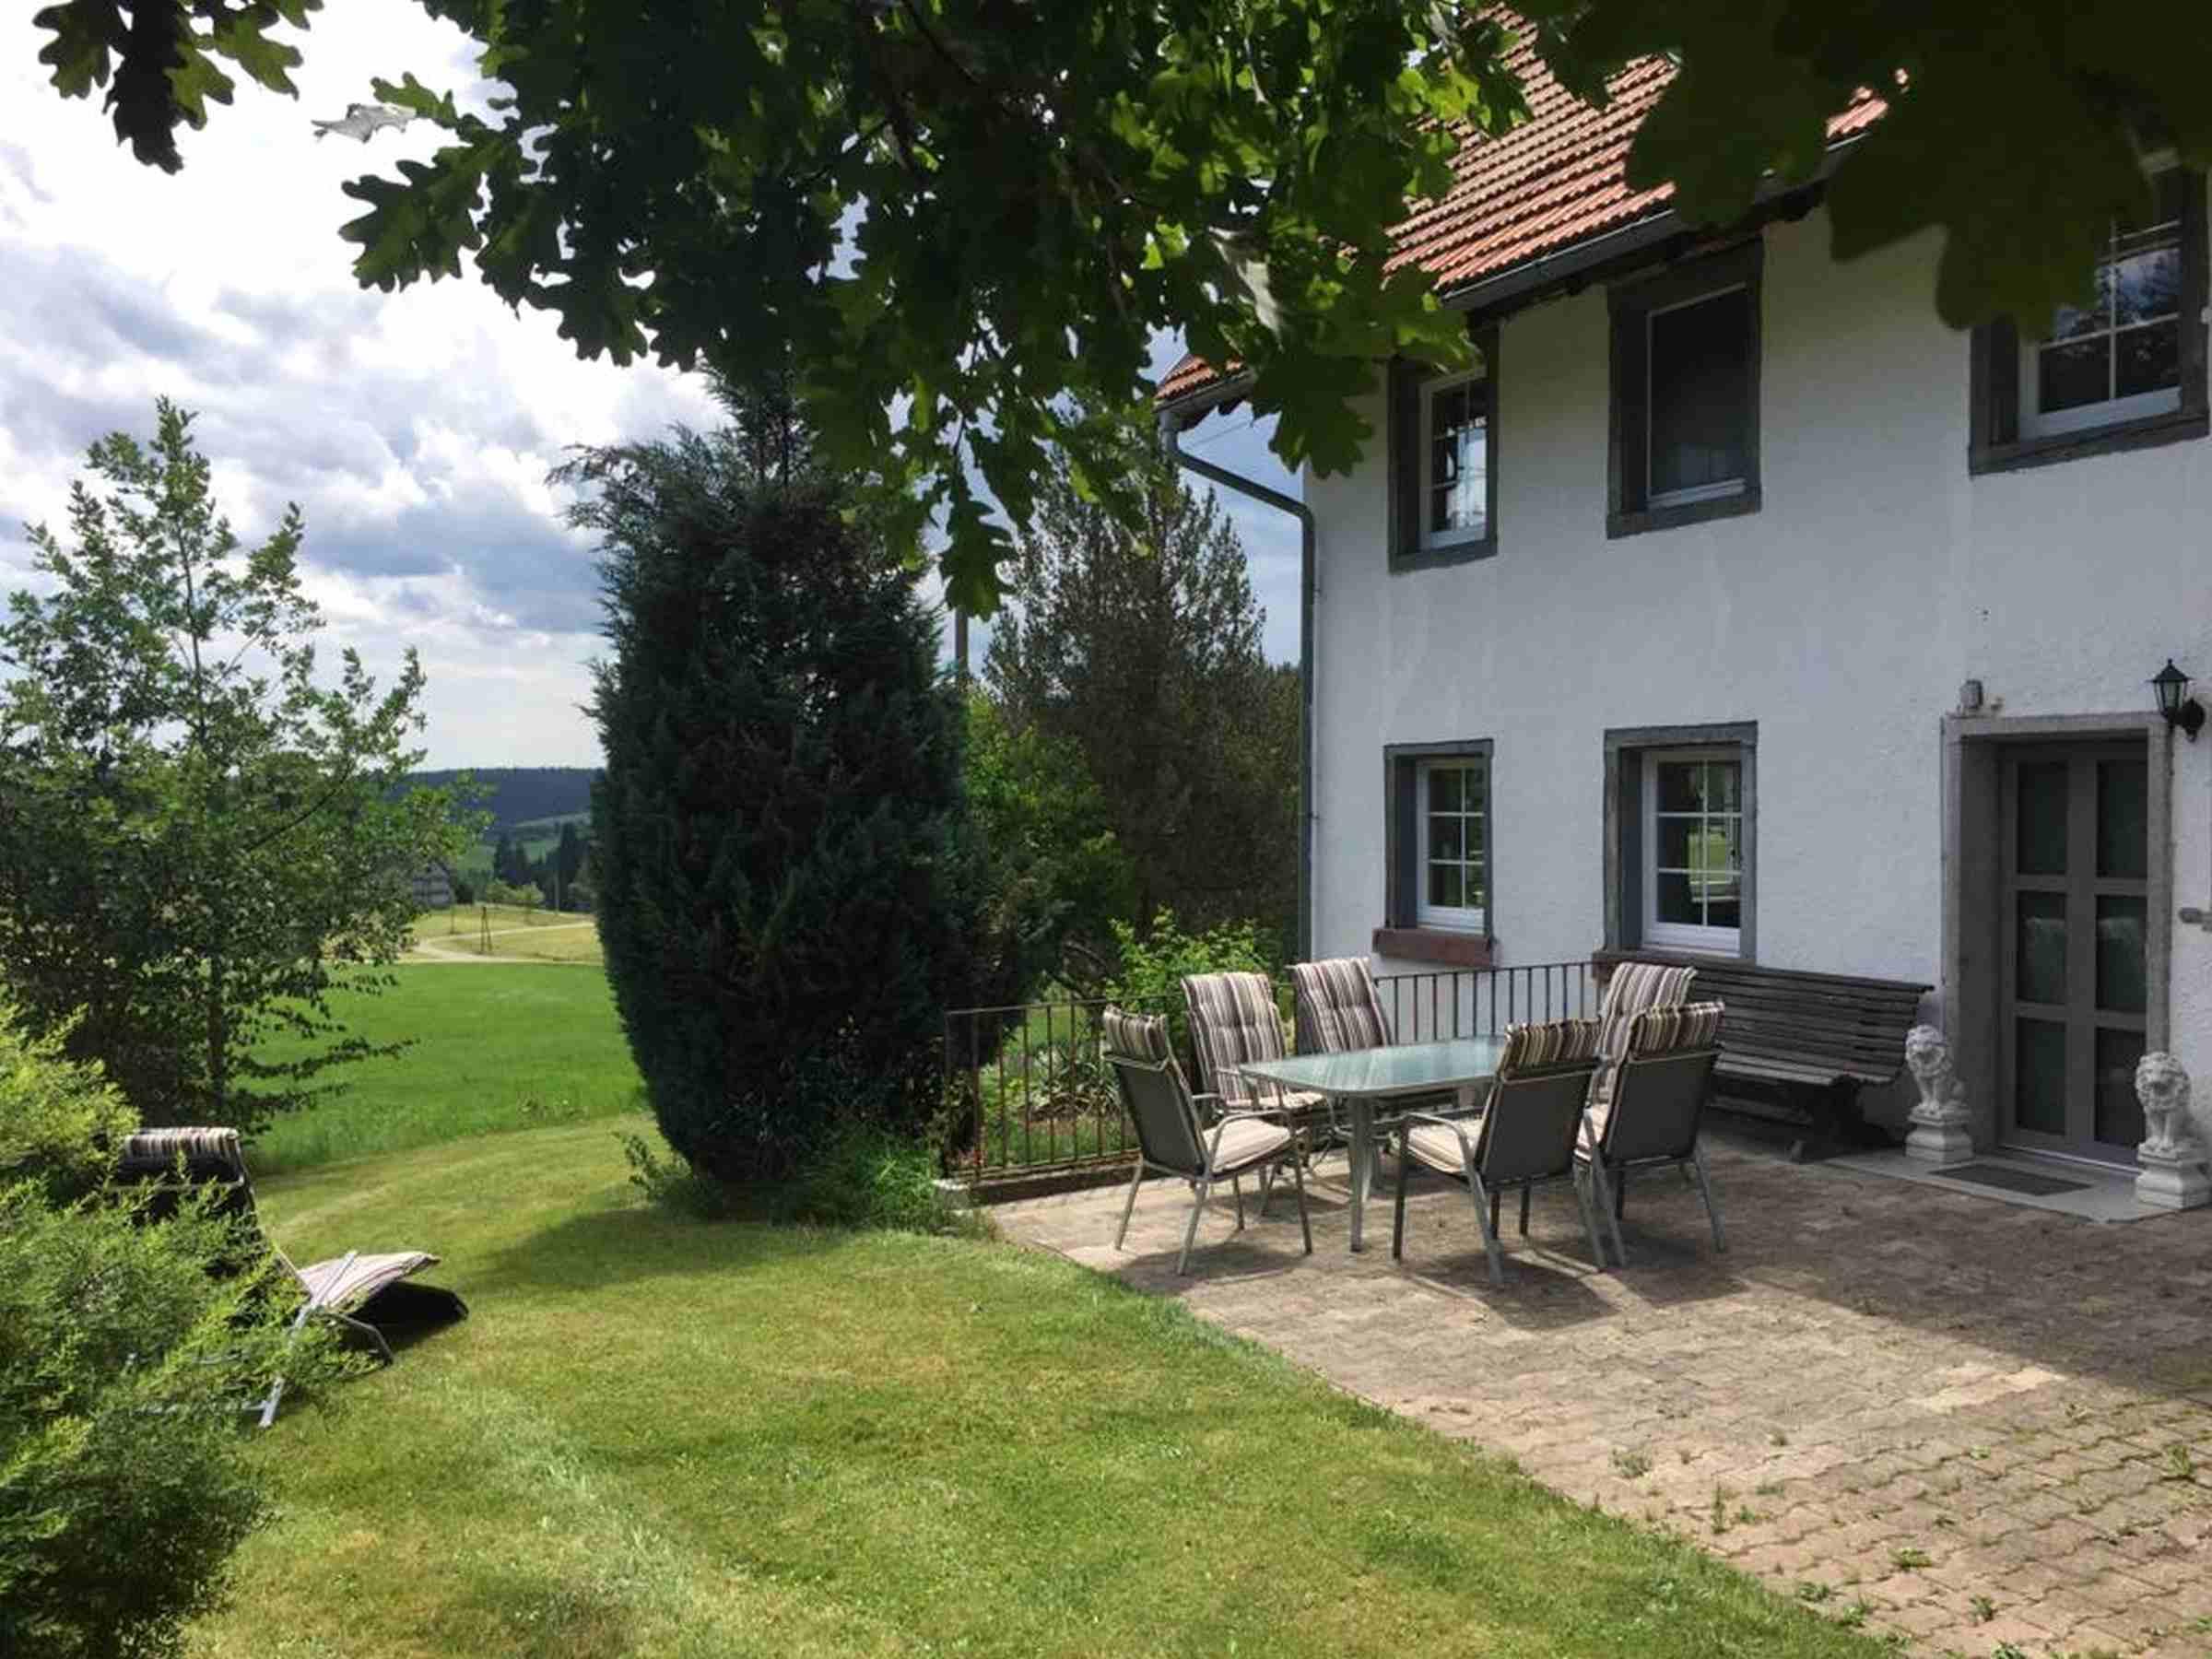 Ferienwohnung Storzenhof, (Unterkirnach). Ferienwohnung, 140qm, 3 Schlafzimmer, max. 8 Personen (2790199), Unterkirnach, Schwarzwald, Baden-Württemberg, Deutschland, Bild 13